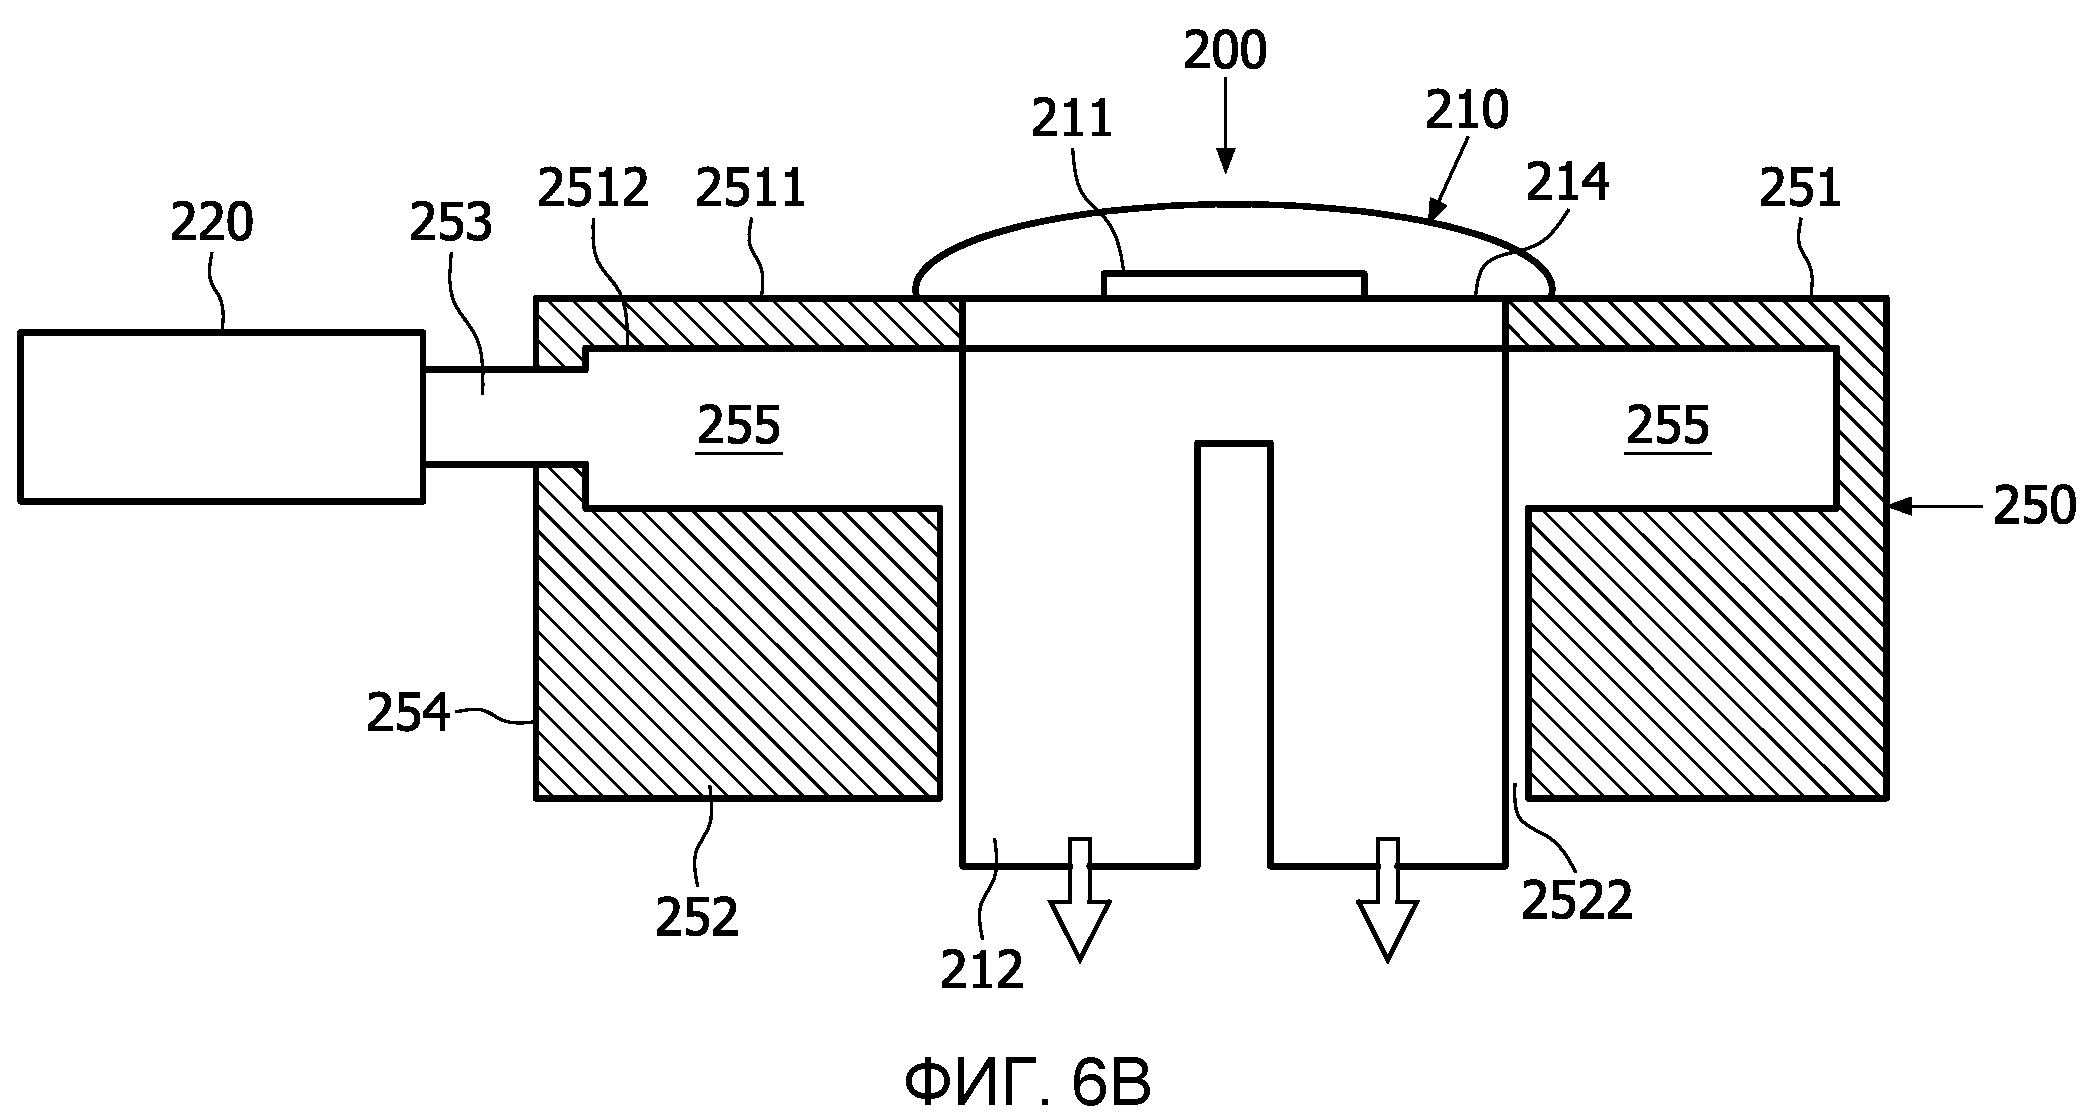 Охлаждающее устройство для охлаждения полупроводникового кристалла